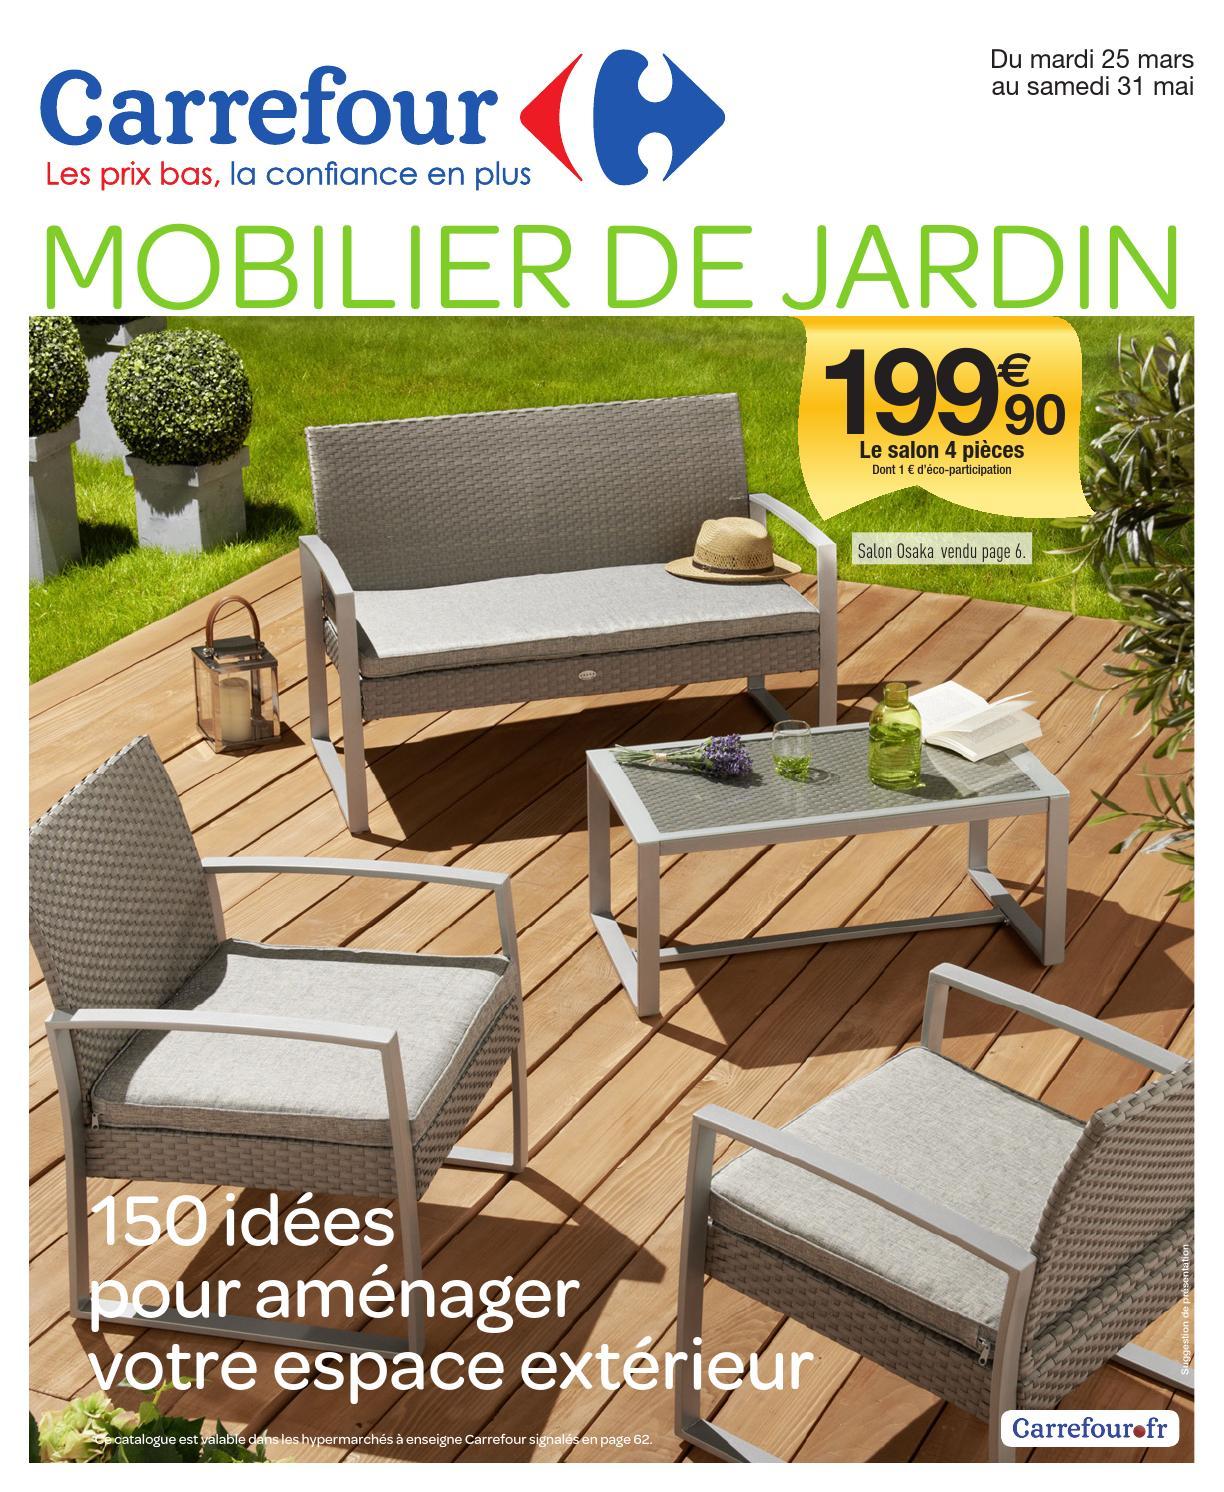 Catalogue Carrefour - 25.03-31.05.2014 By Joe Monroe - Issuu destiné Leclerc Mobilier De Jardin